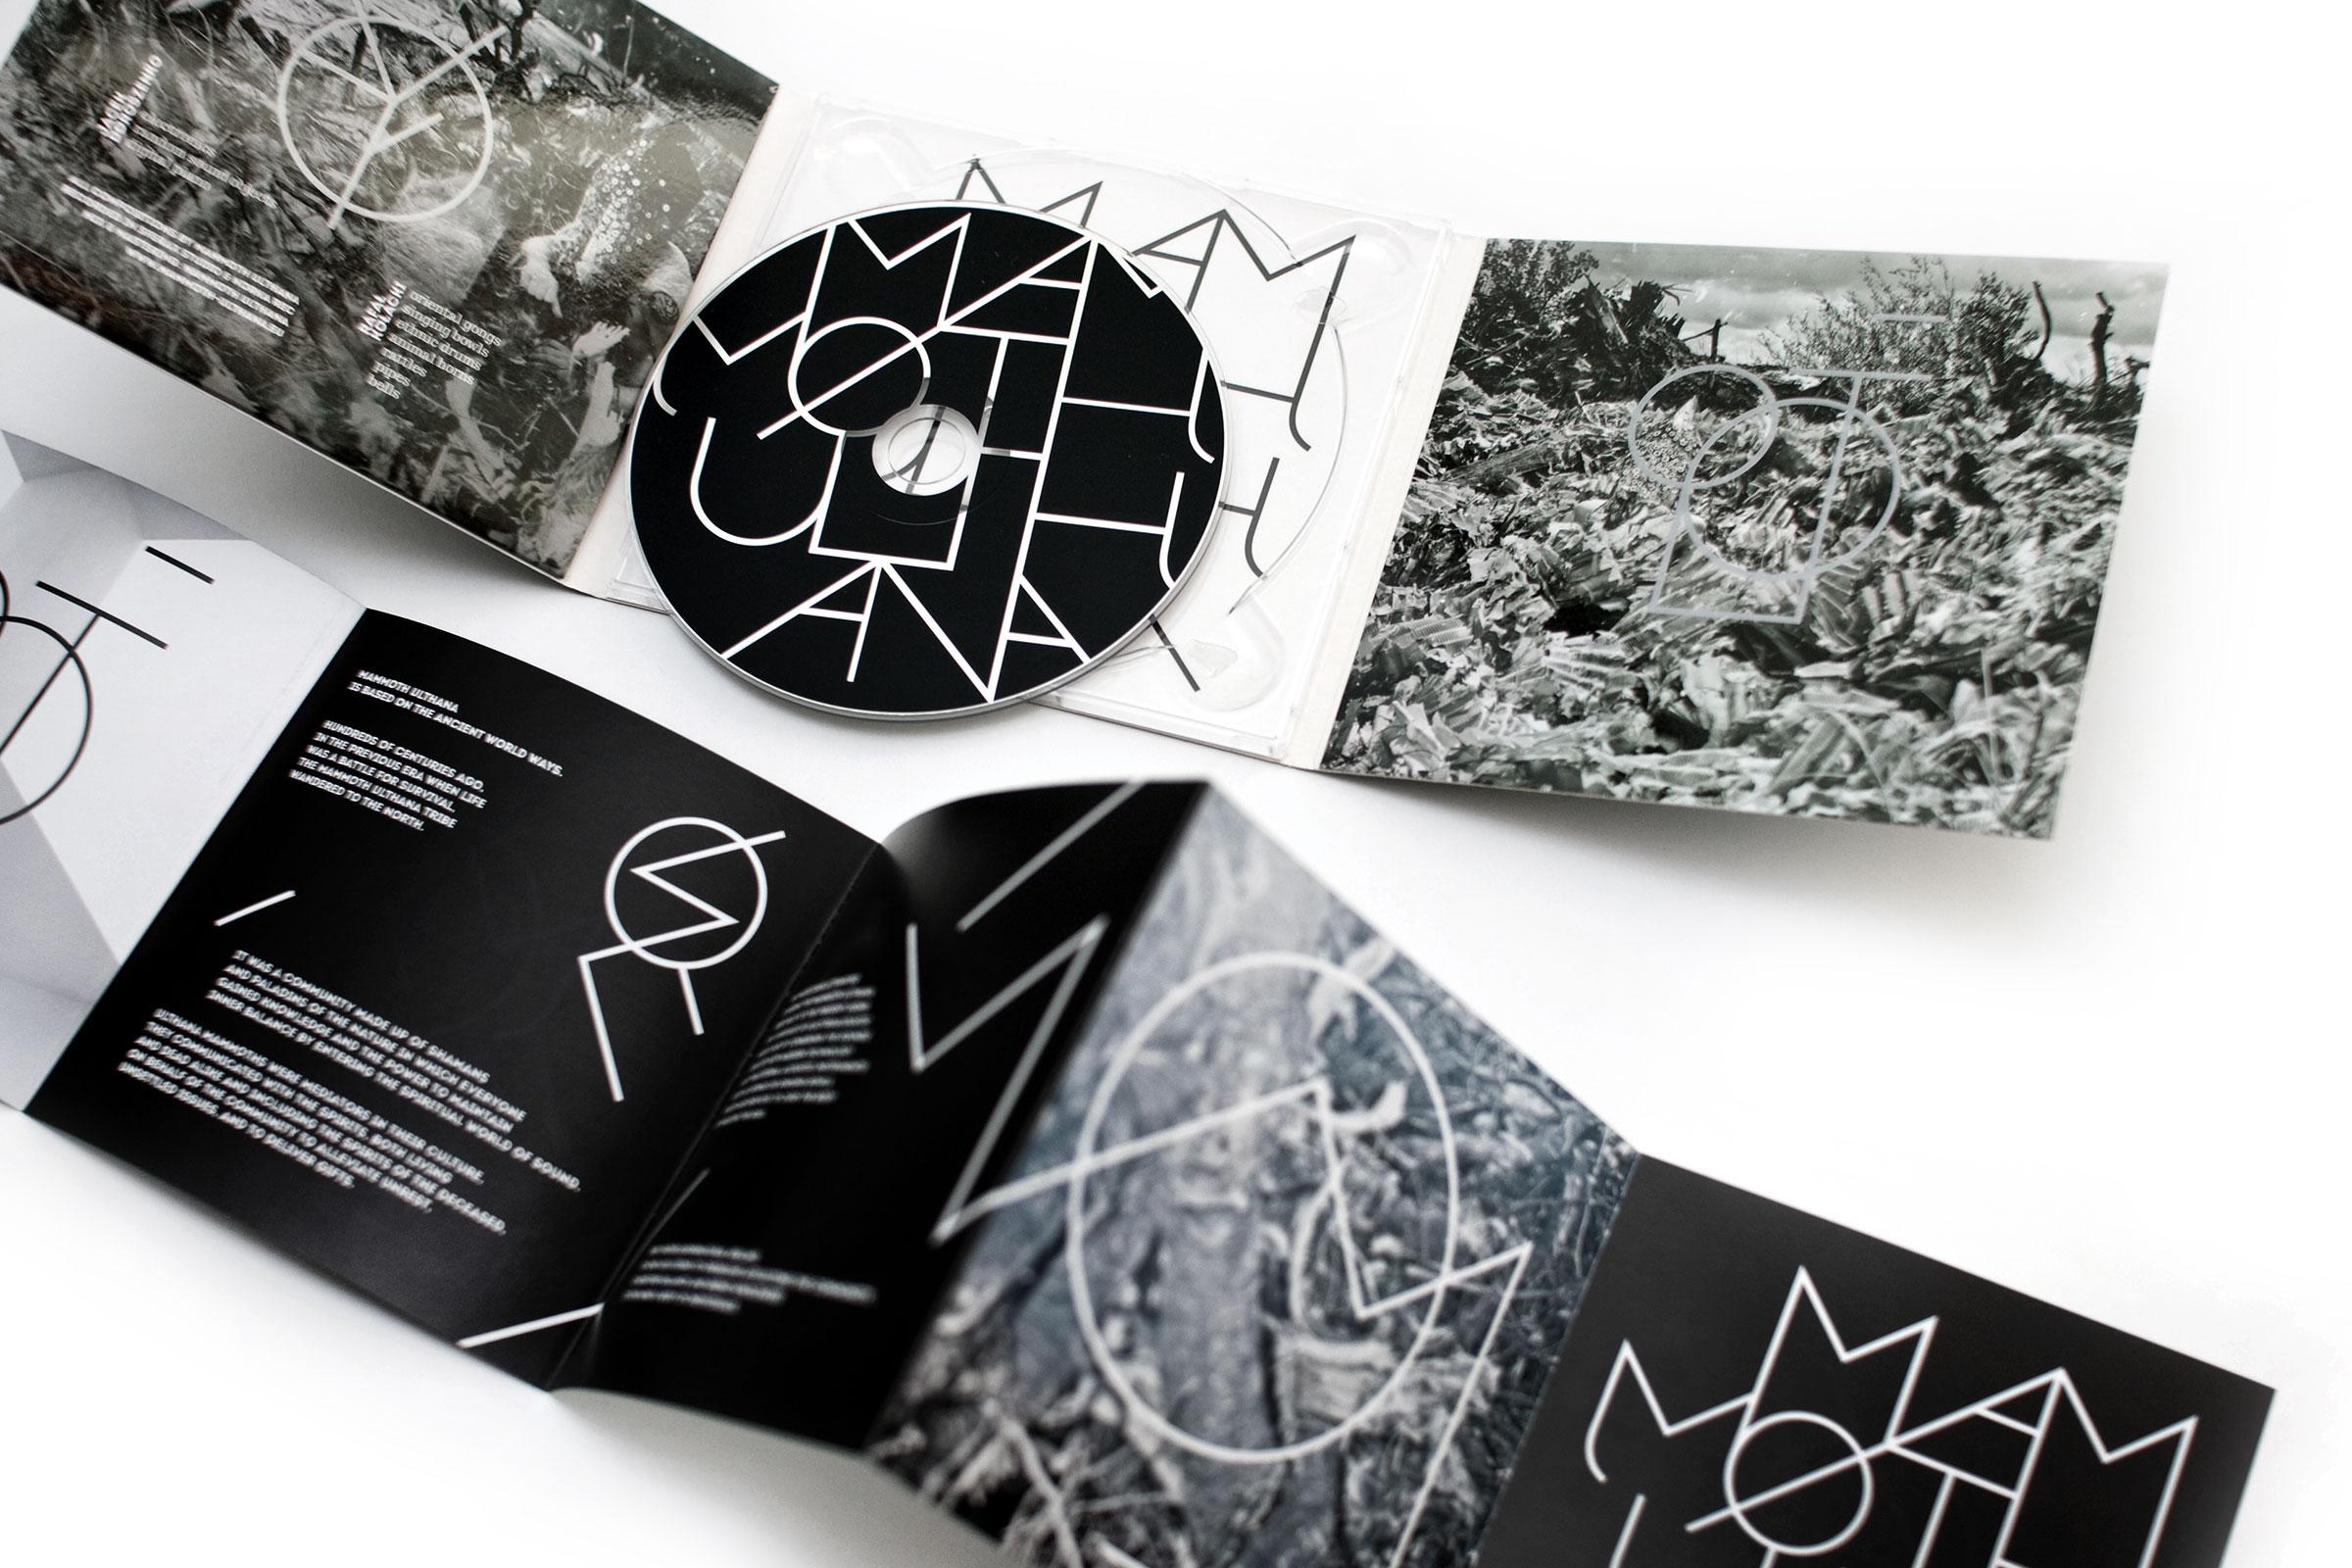 Jacek Doroszenko - Mammoth Ulthana CD album, detail 10